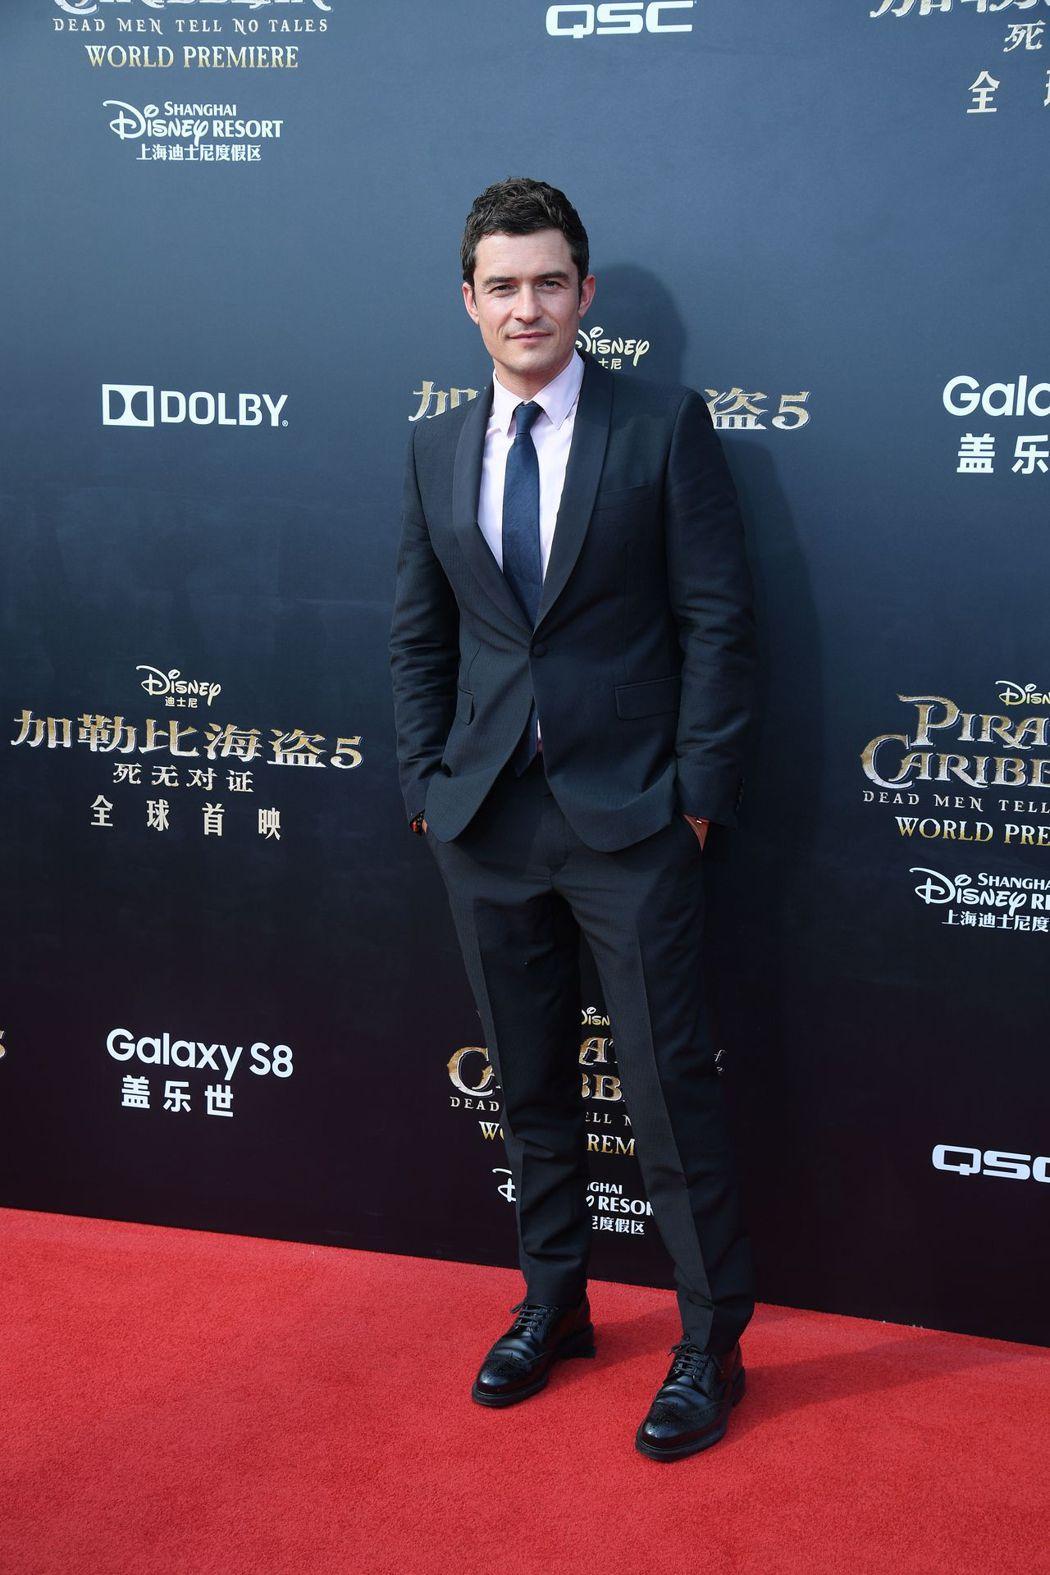 電影「神鬼奇航:死無對證」奧蘭多布魯穿著能修飾身型剪裁的PRADA正裝出席。圖/...